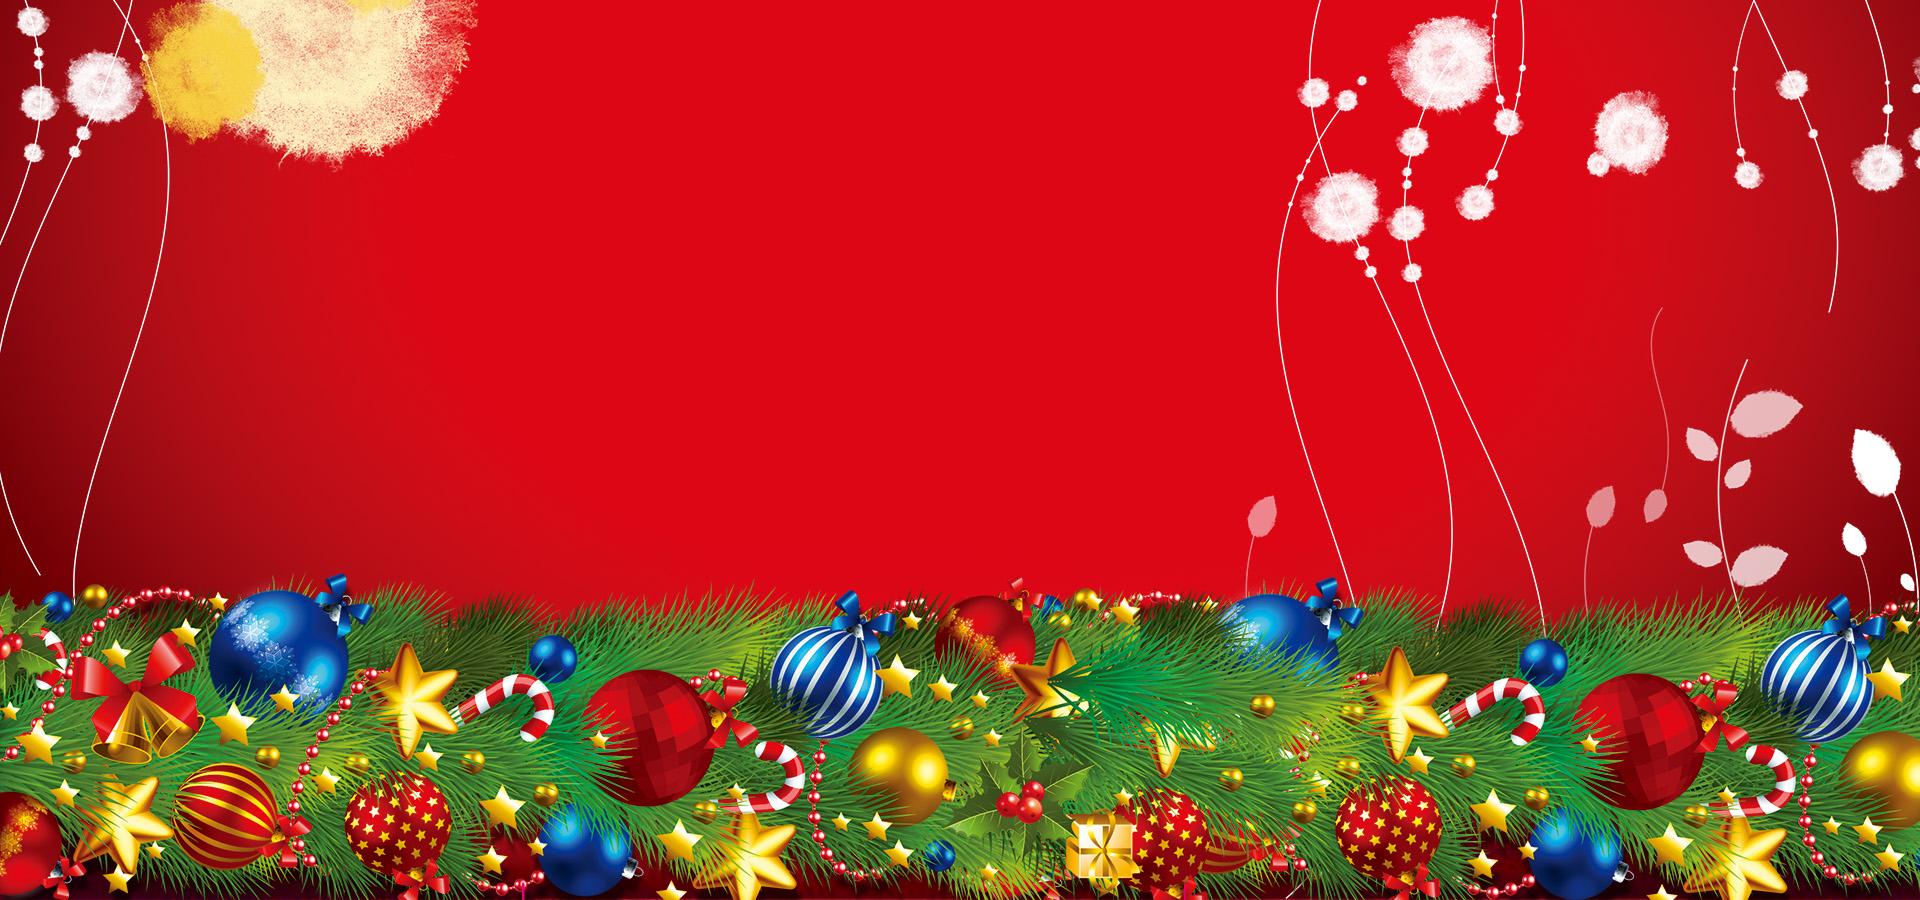 Weihnachten im, Weihnachten, Glocken, Gras Hintergrund, Foto und ...